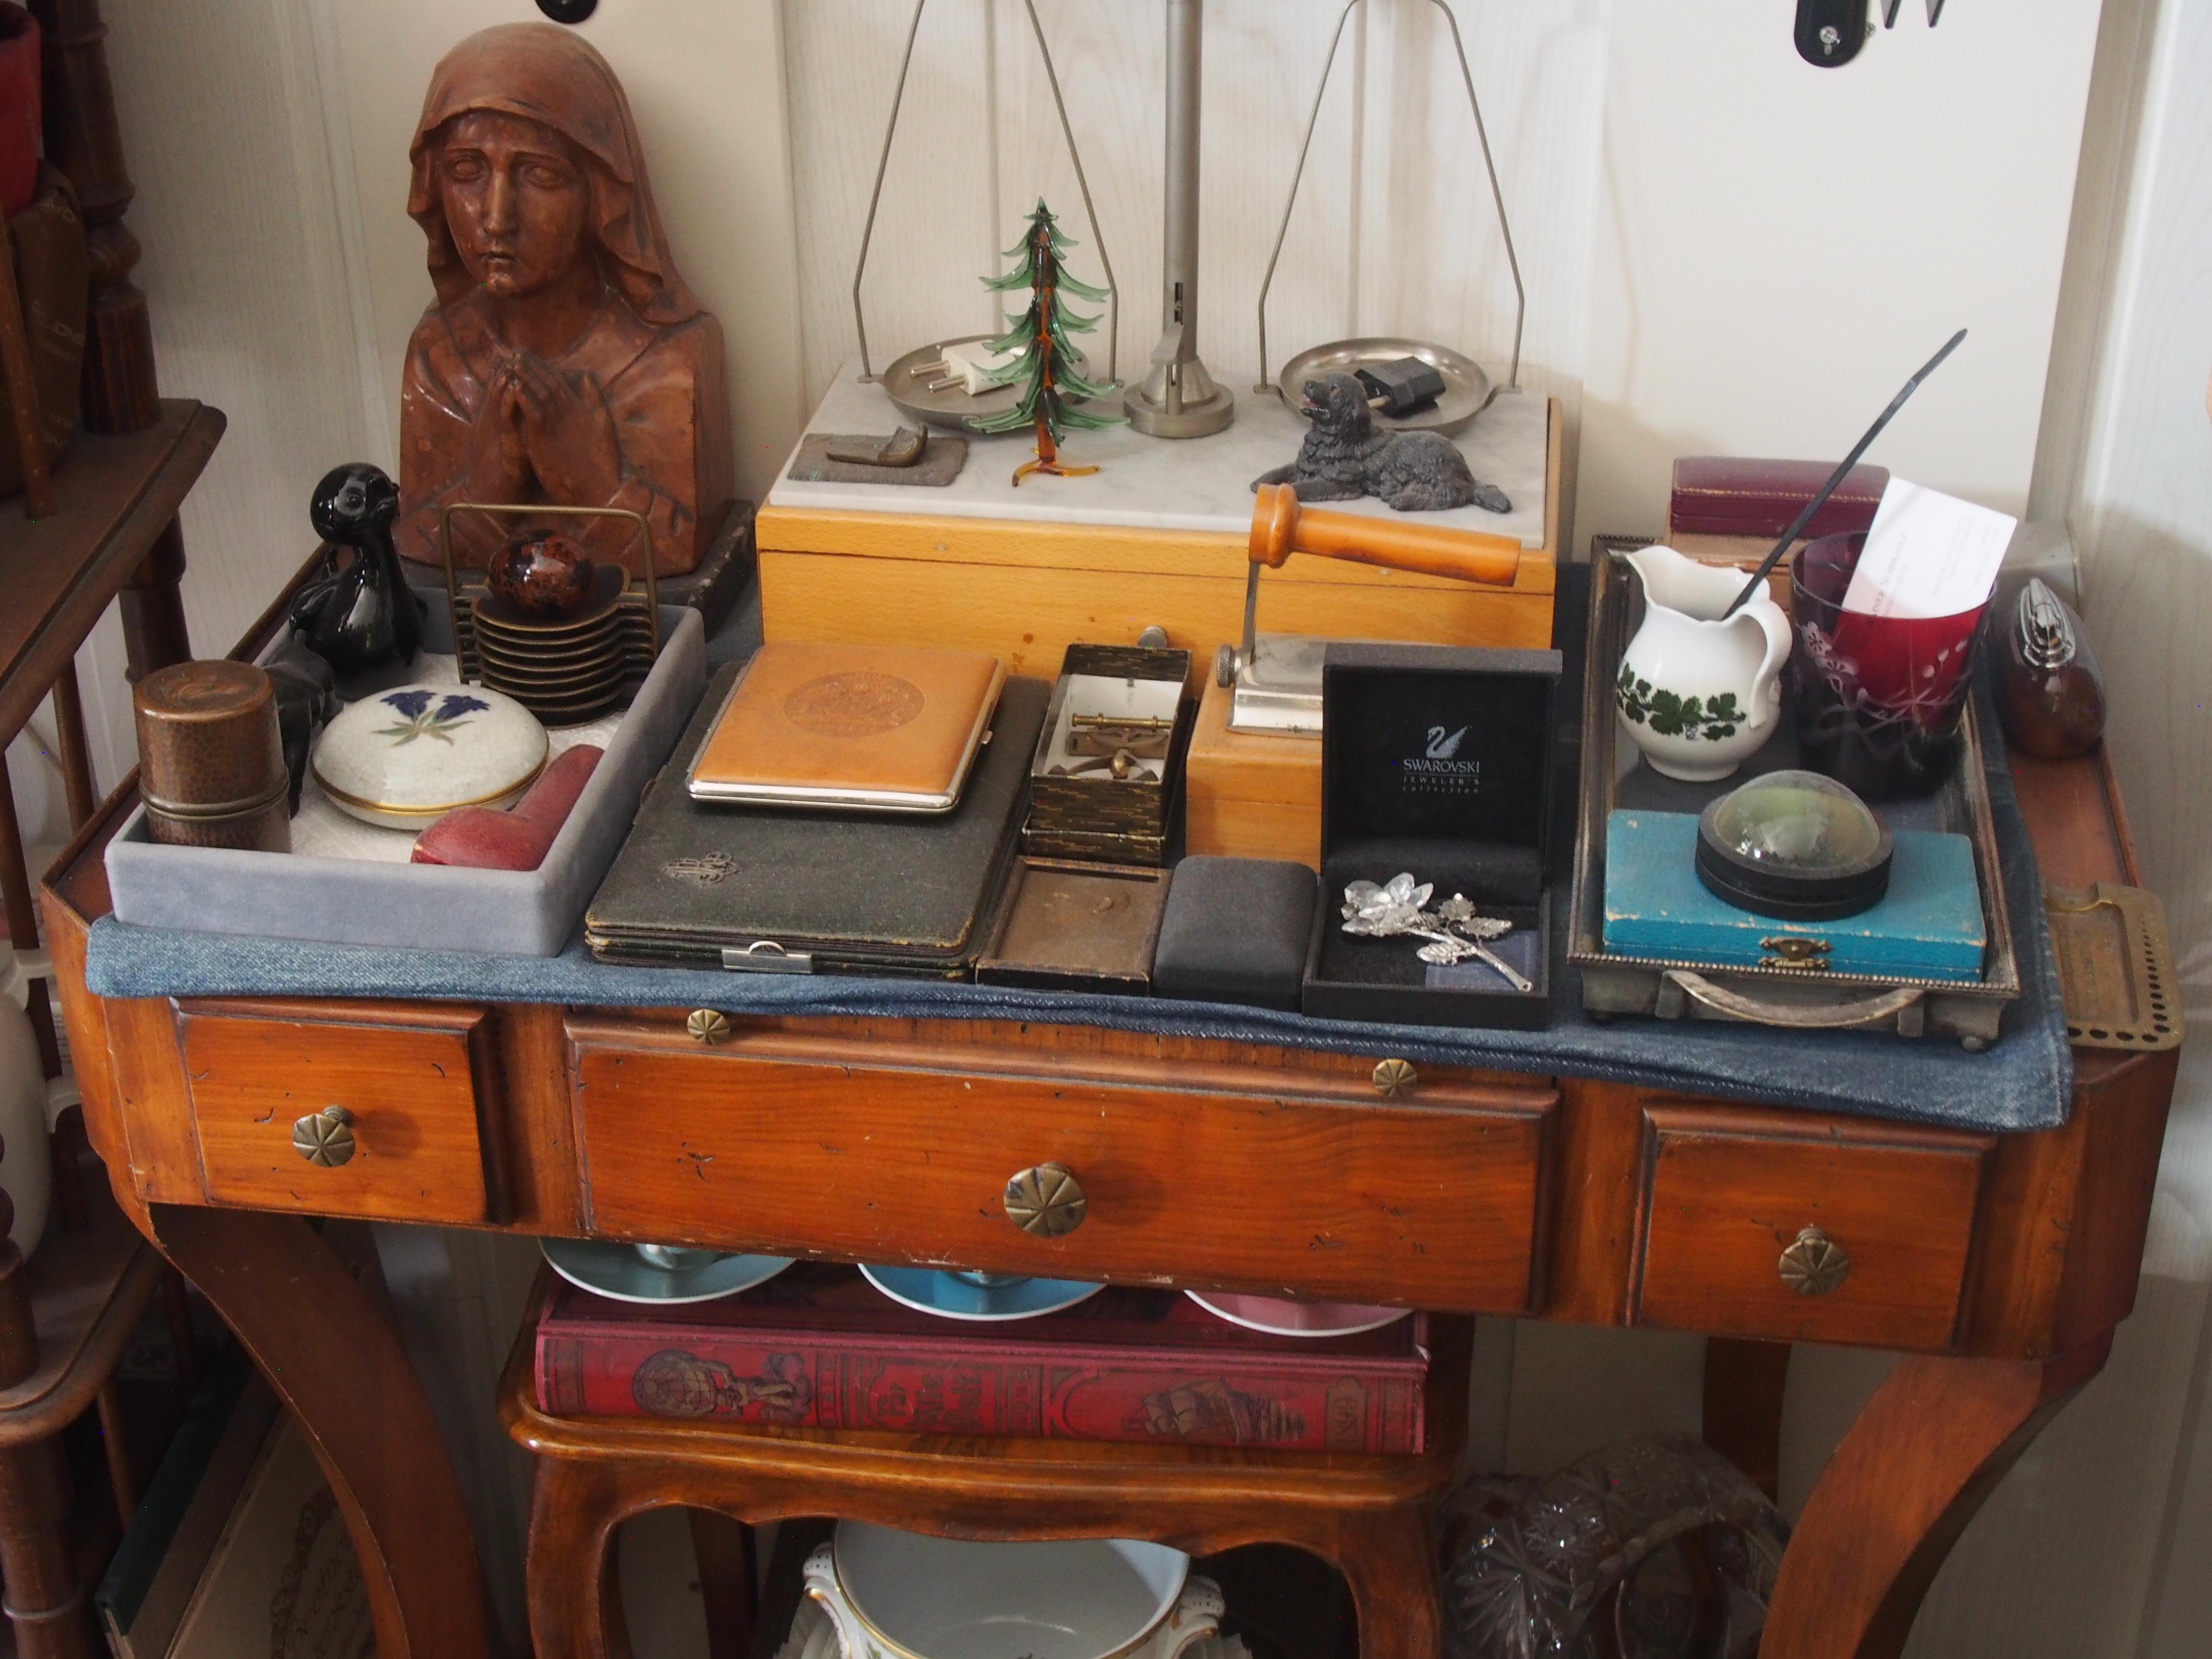 Altwaren Antiquitäten 1190 Wien Ankauf Verkauf Räumungen